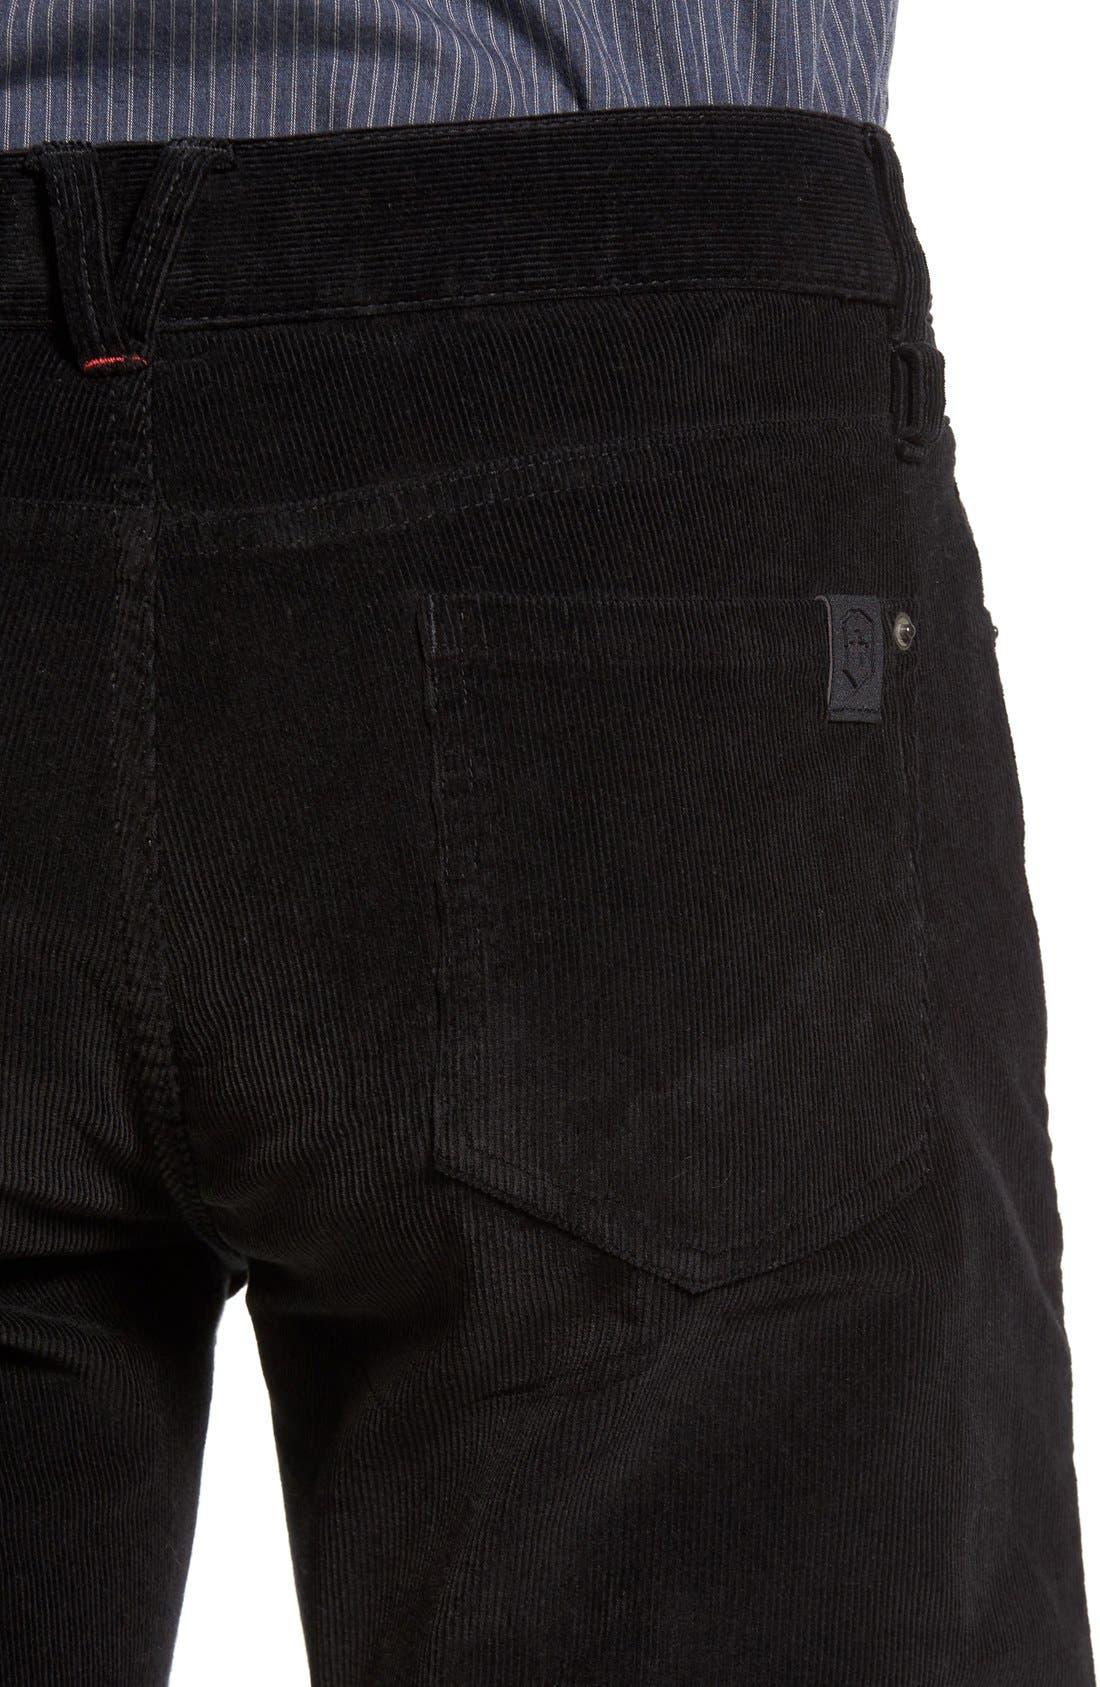 Industrialist Slim Fit Corduroy Pants,                             Alternate thumbnail 4, color,                             001